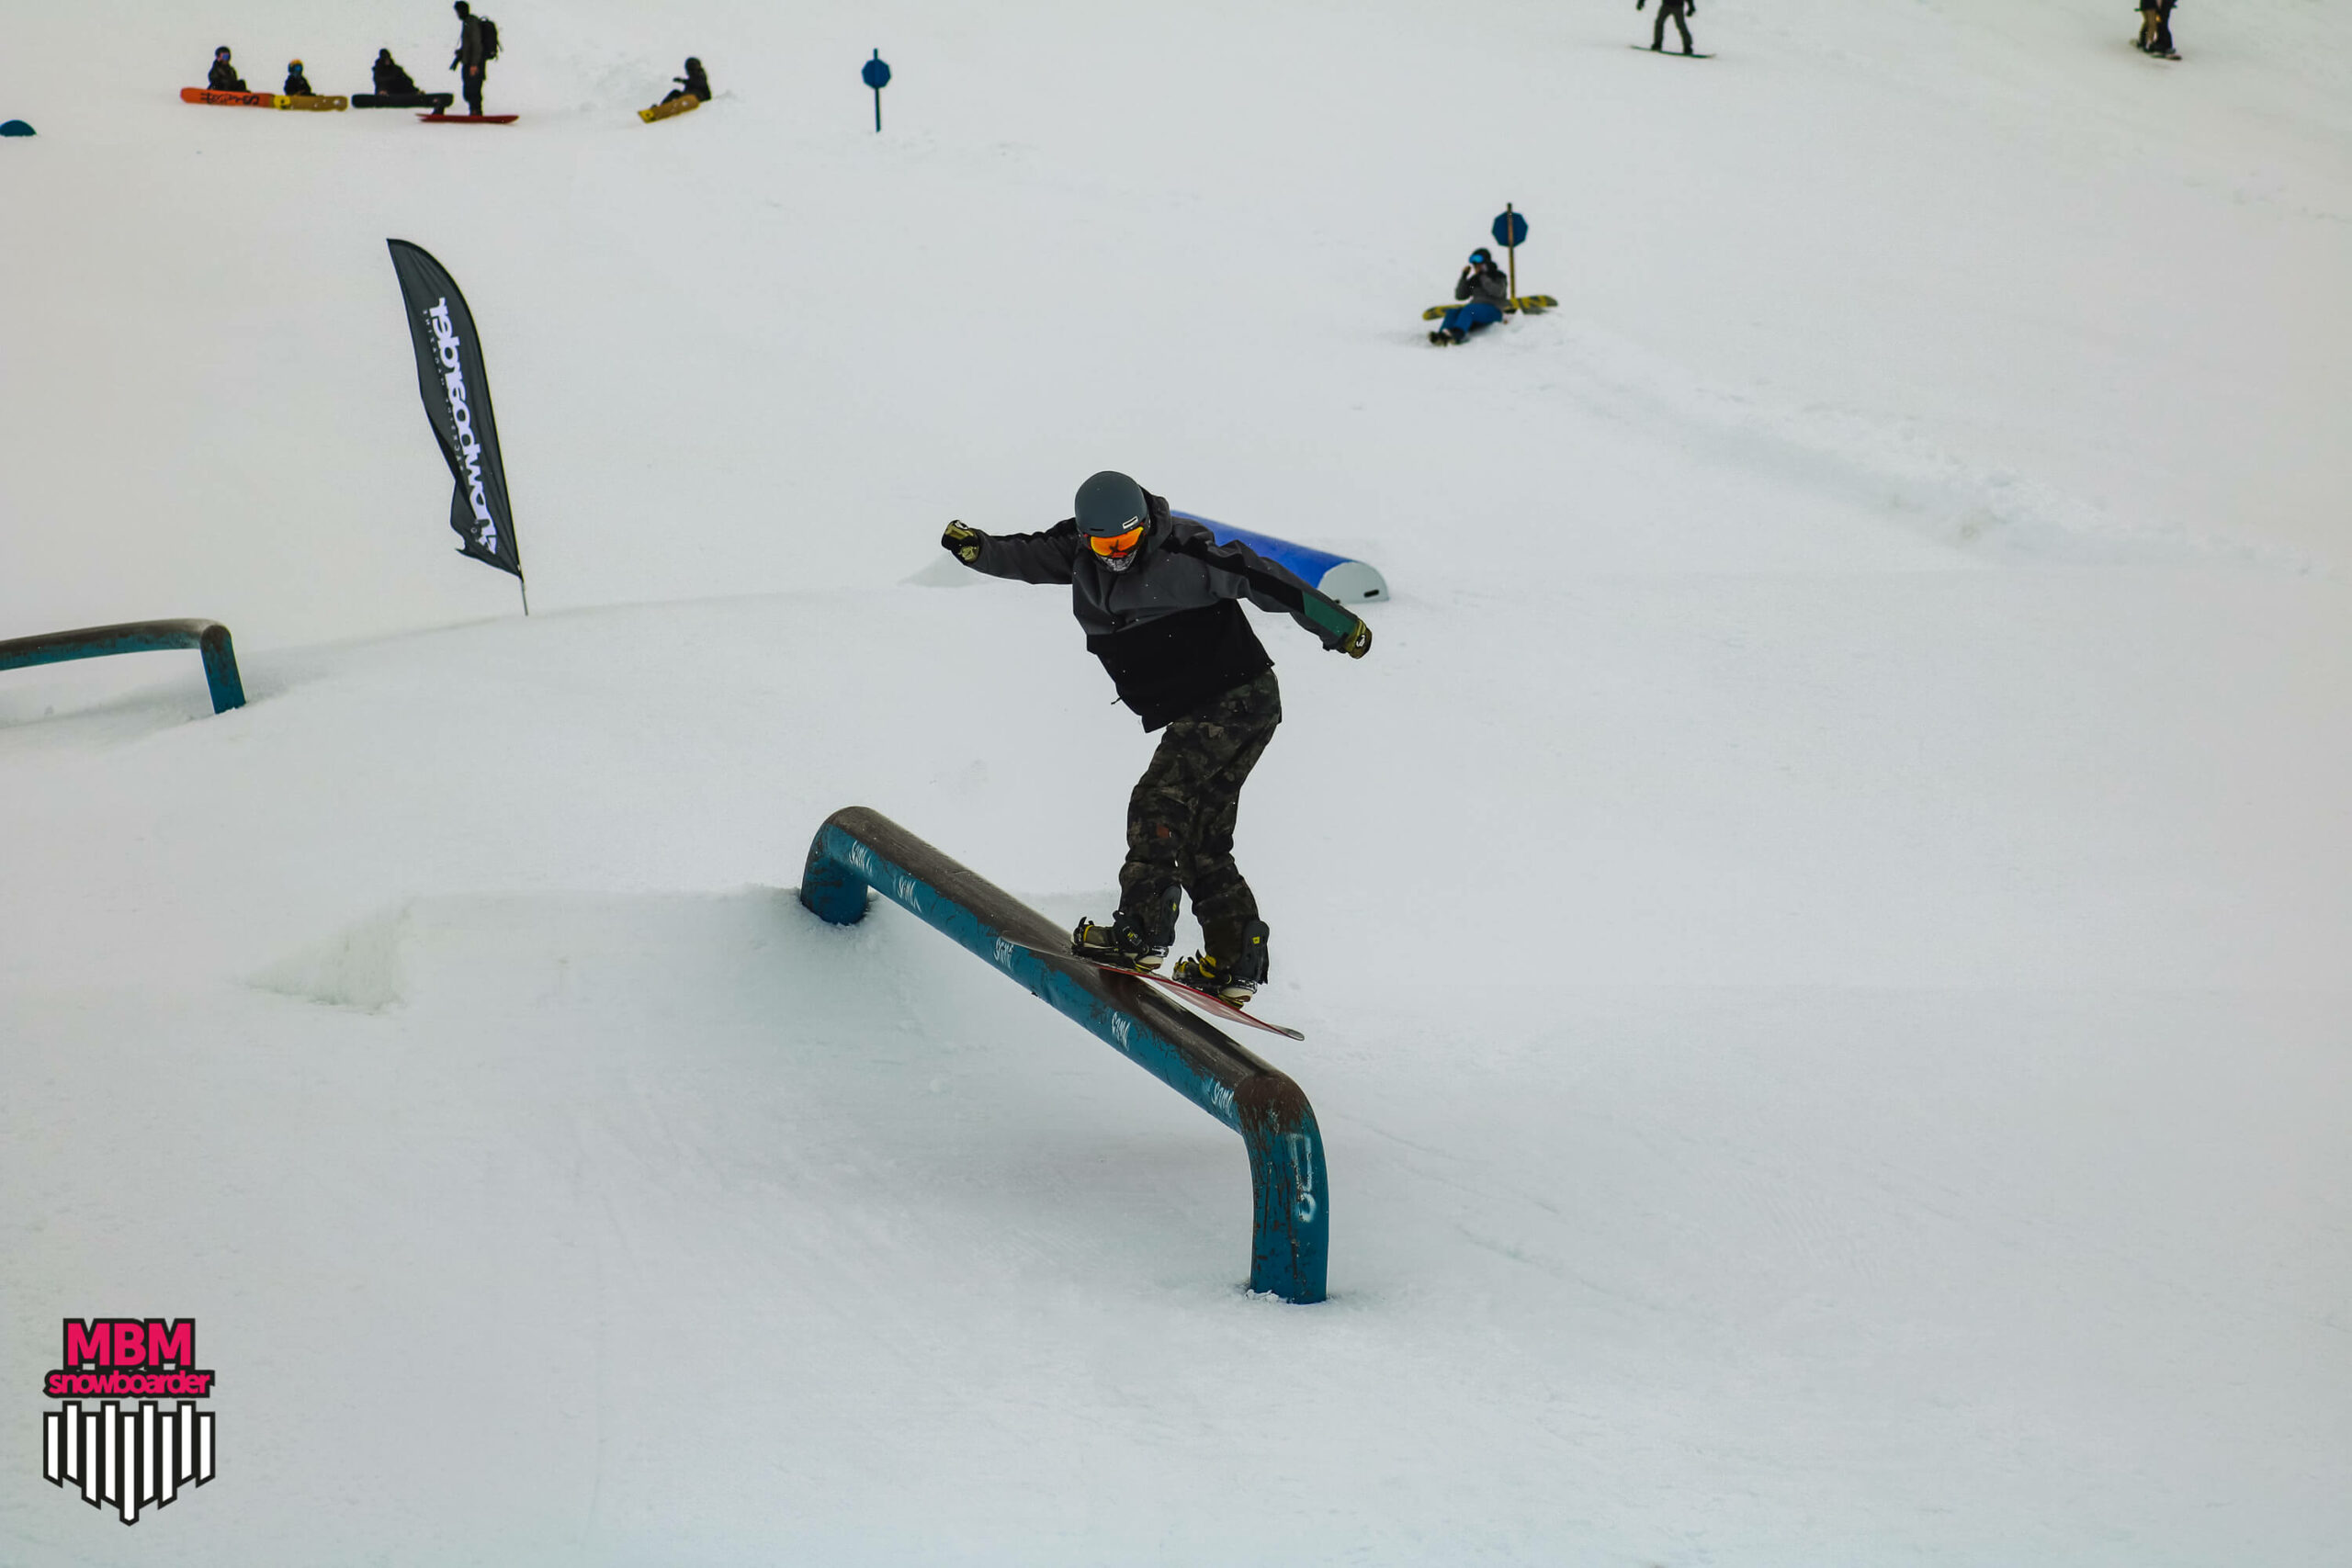 snowboarderMBM_sd_kaunertal_042